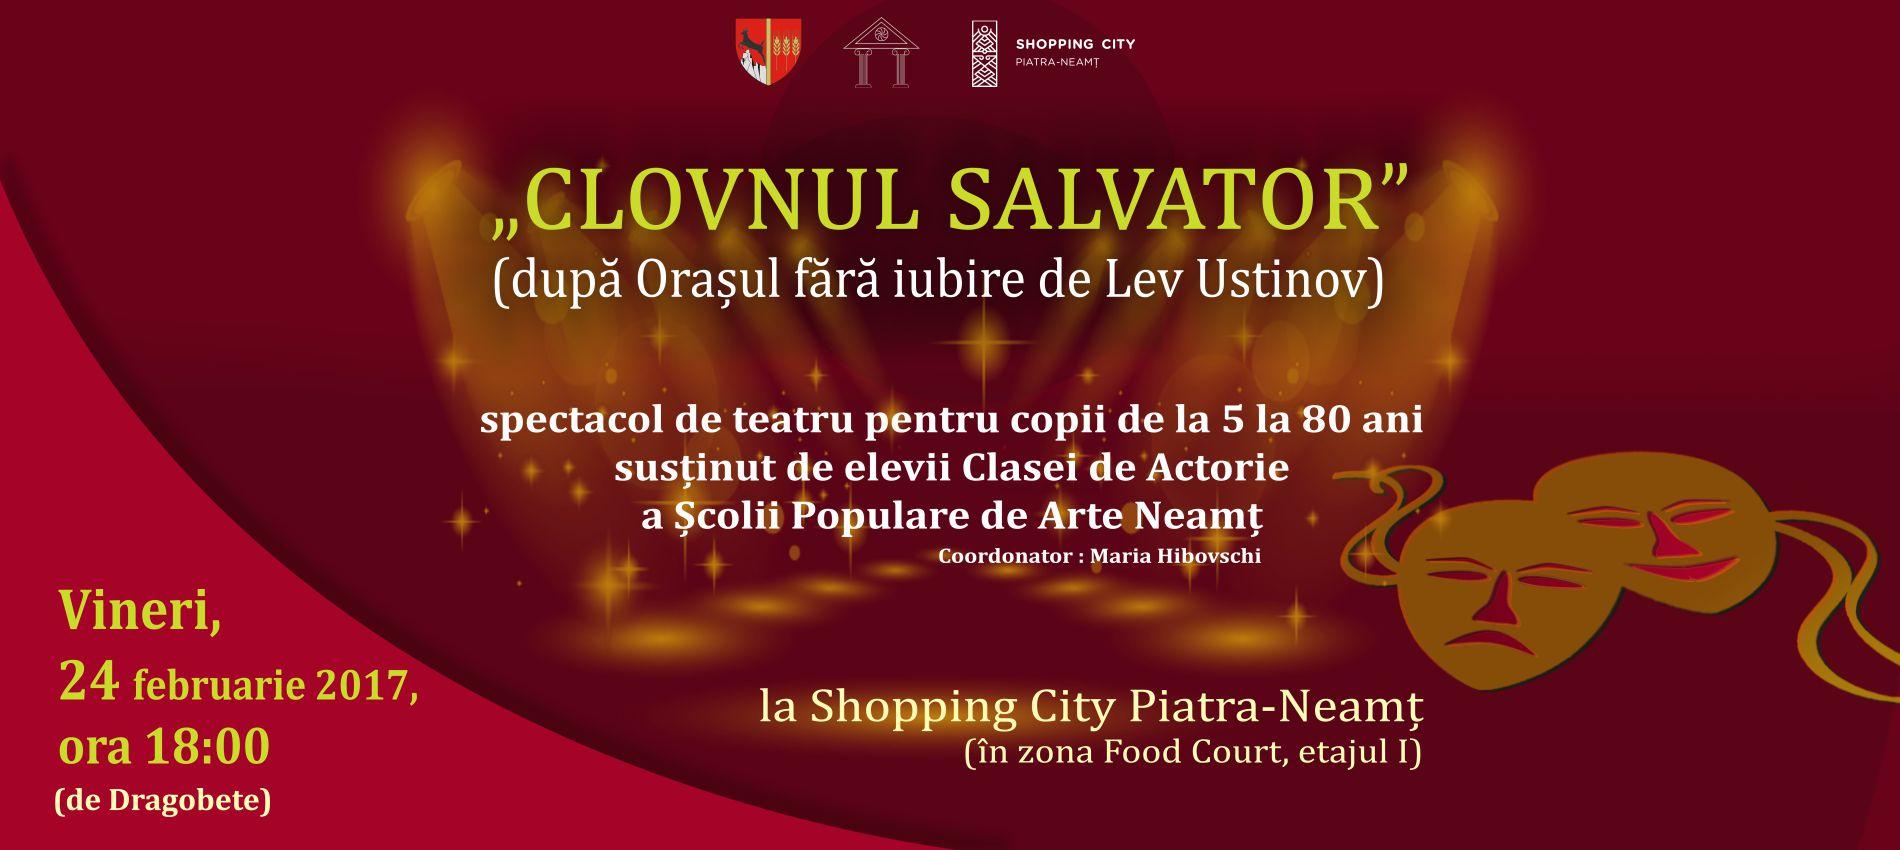 banner 1900 850 px clovnul salvator